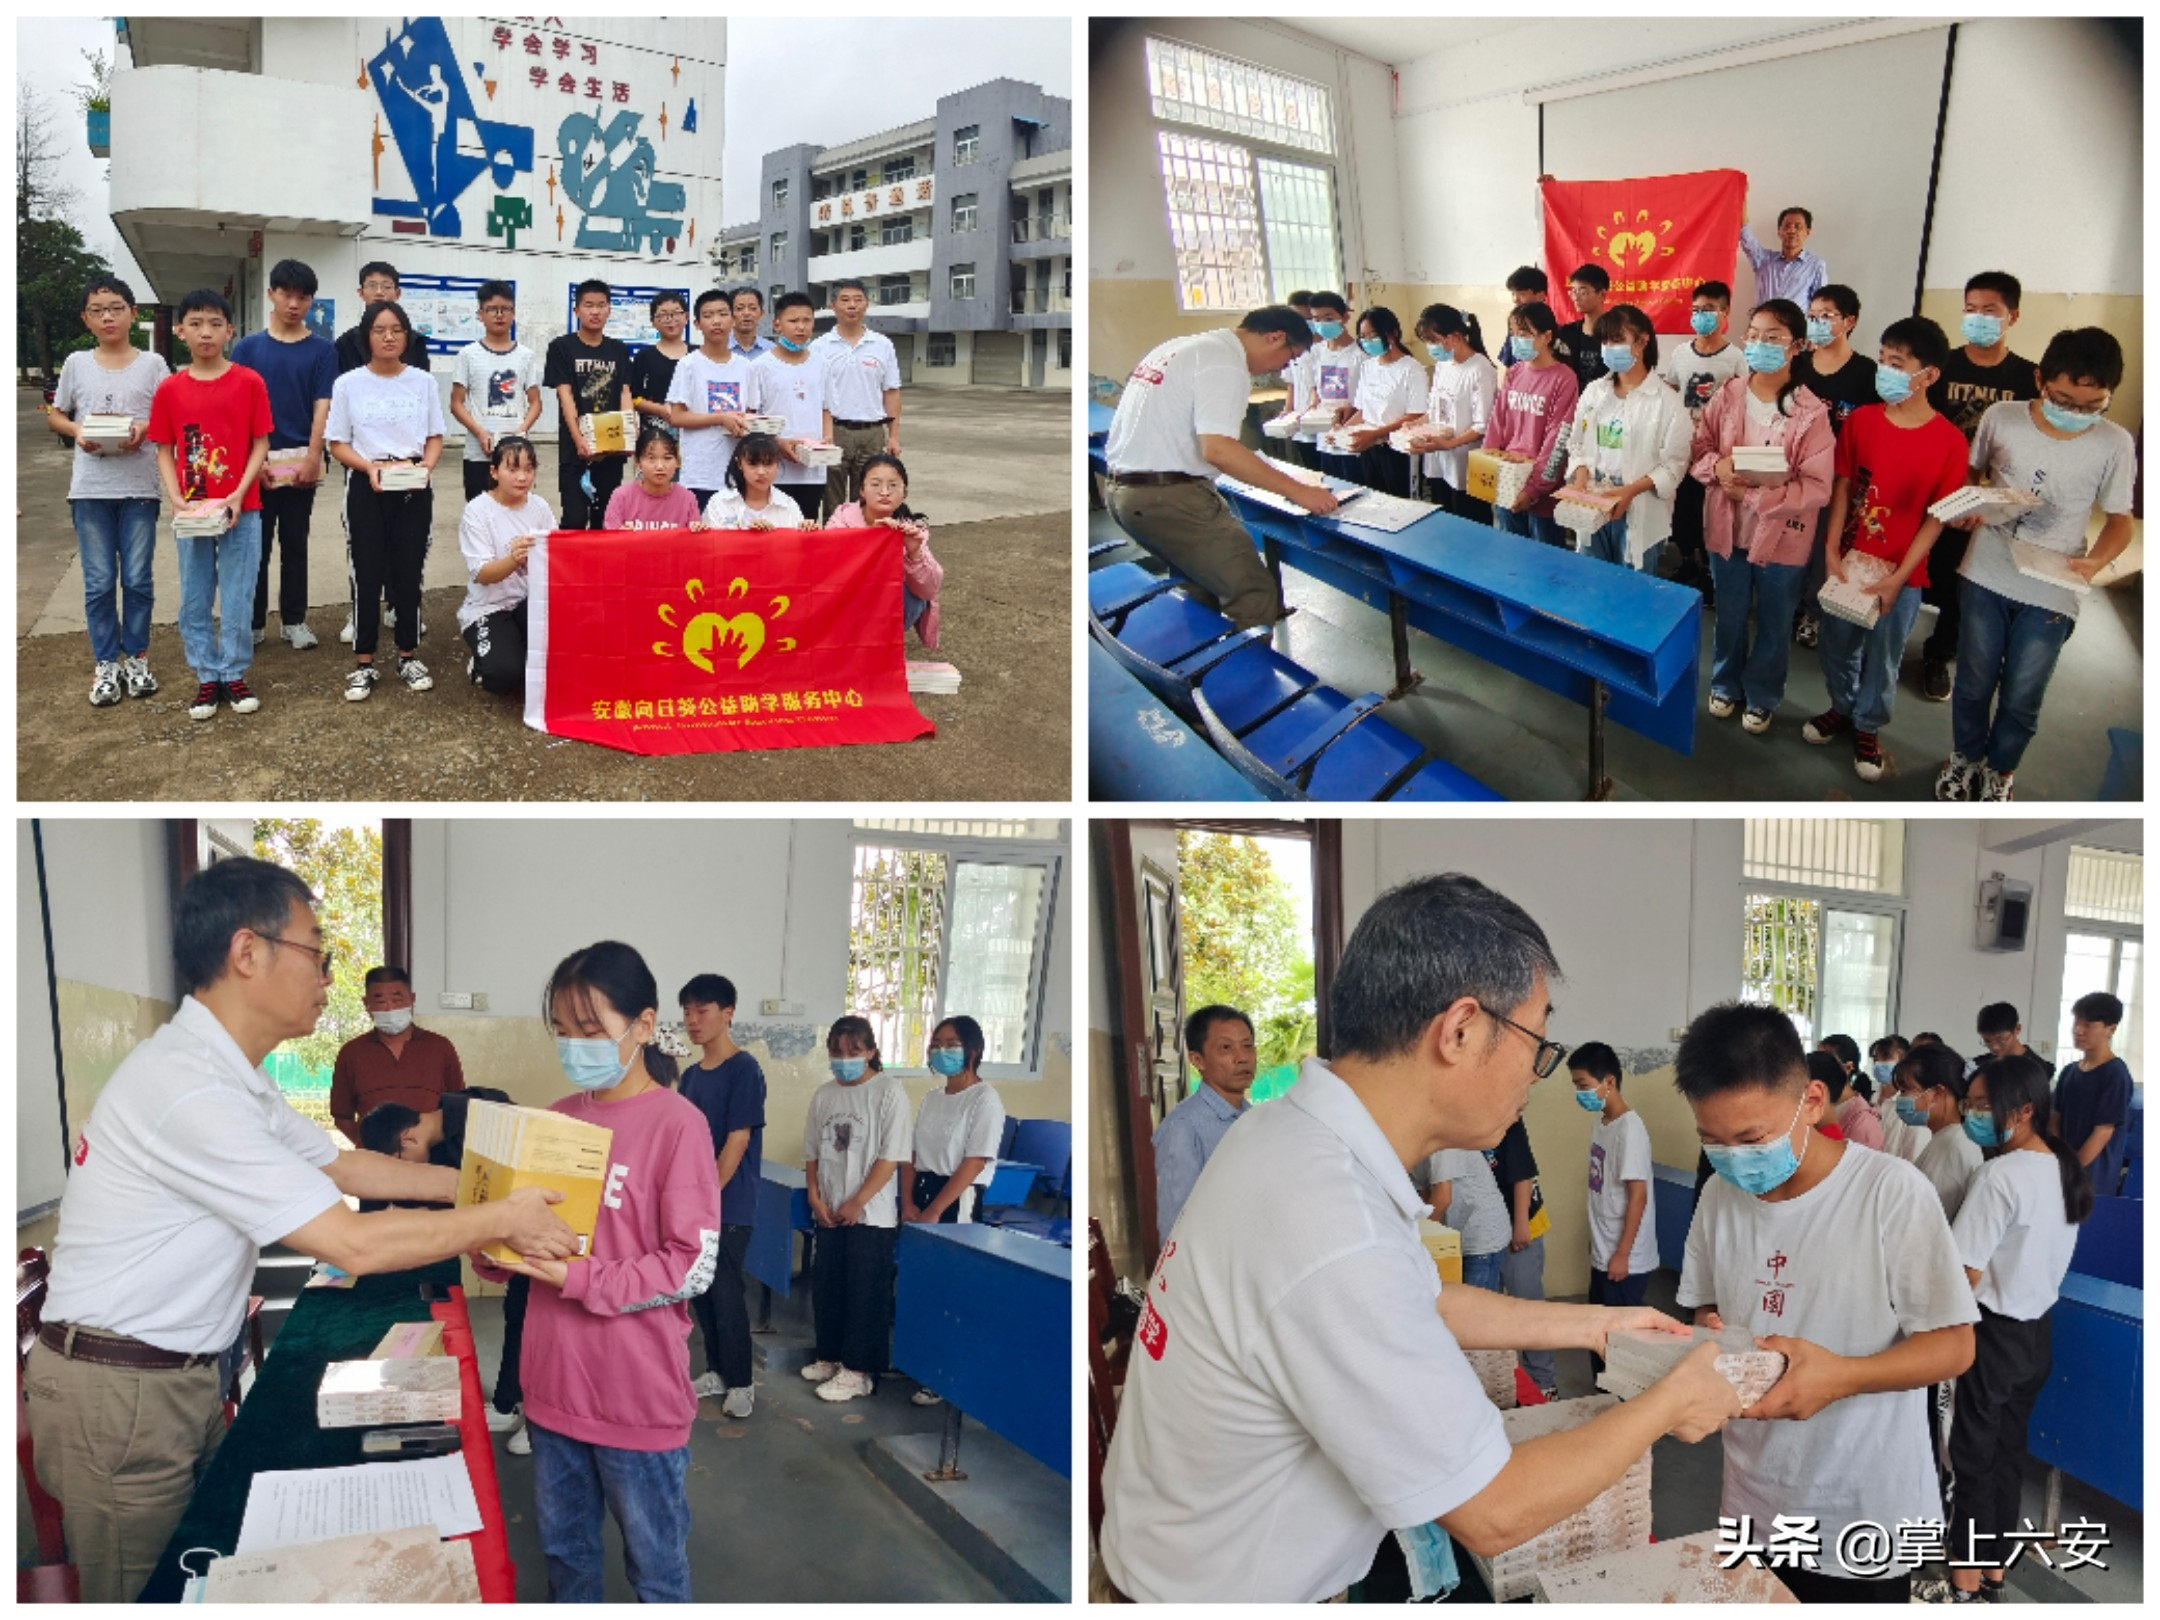 叶集区三元中学14名学生喜领爱心助学金